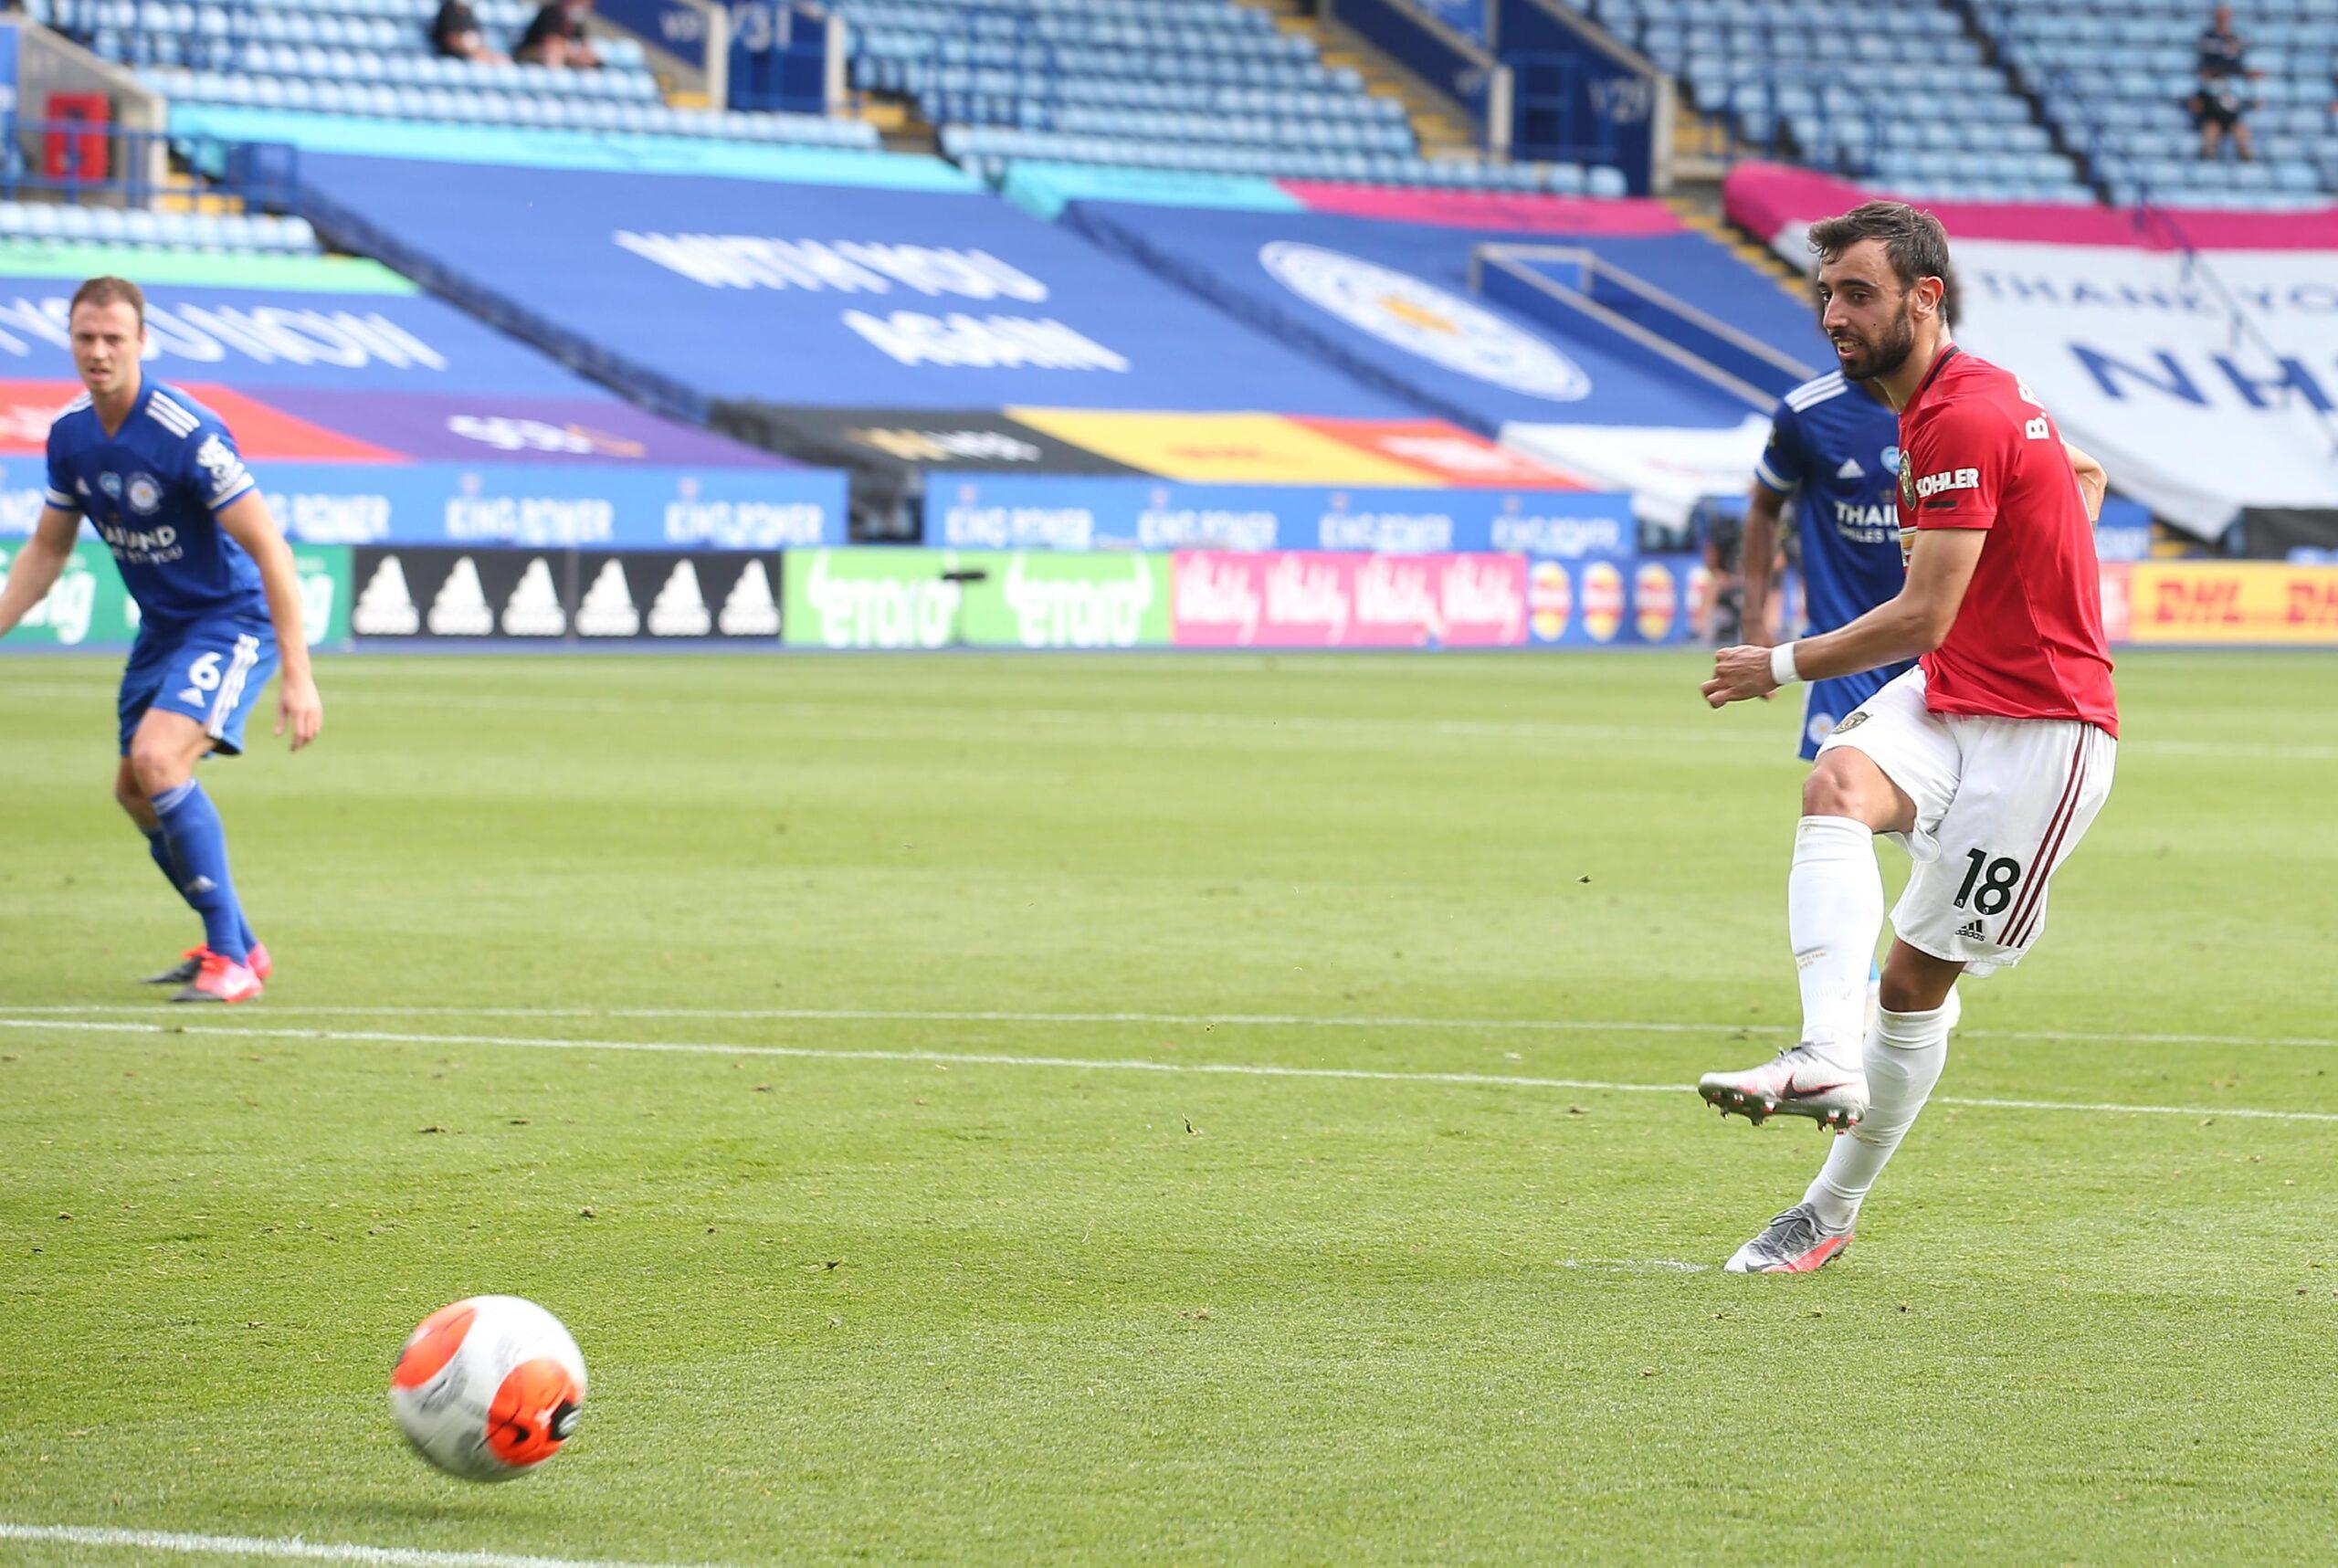 مانشستر يونايتد يقهر ليستر ستي بثنائية في الدوري الإنجليزي